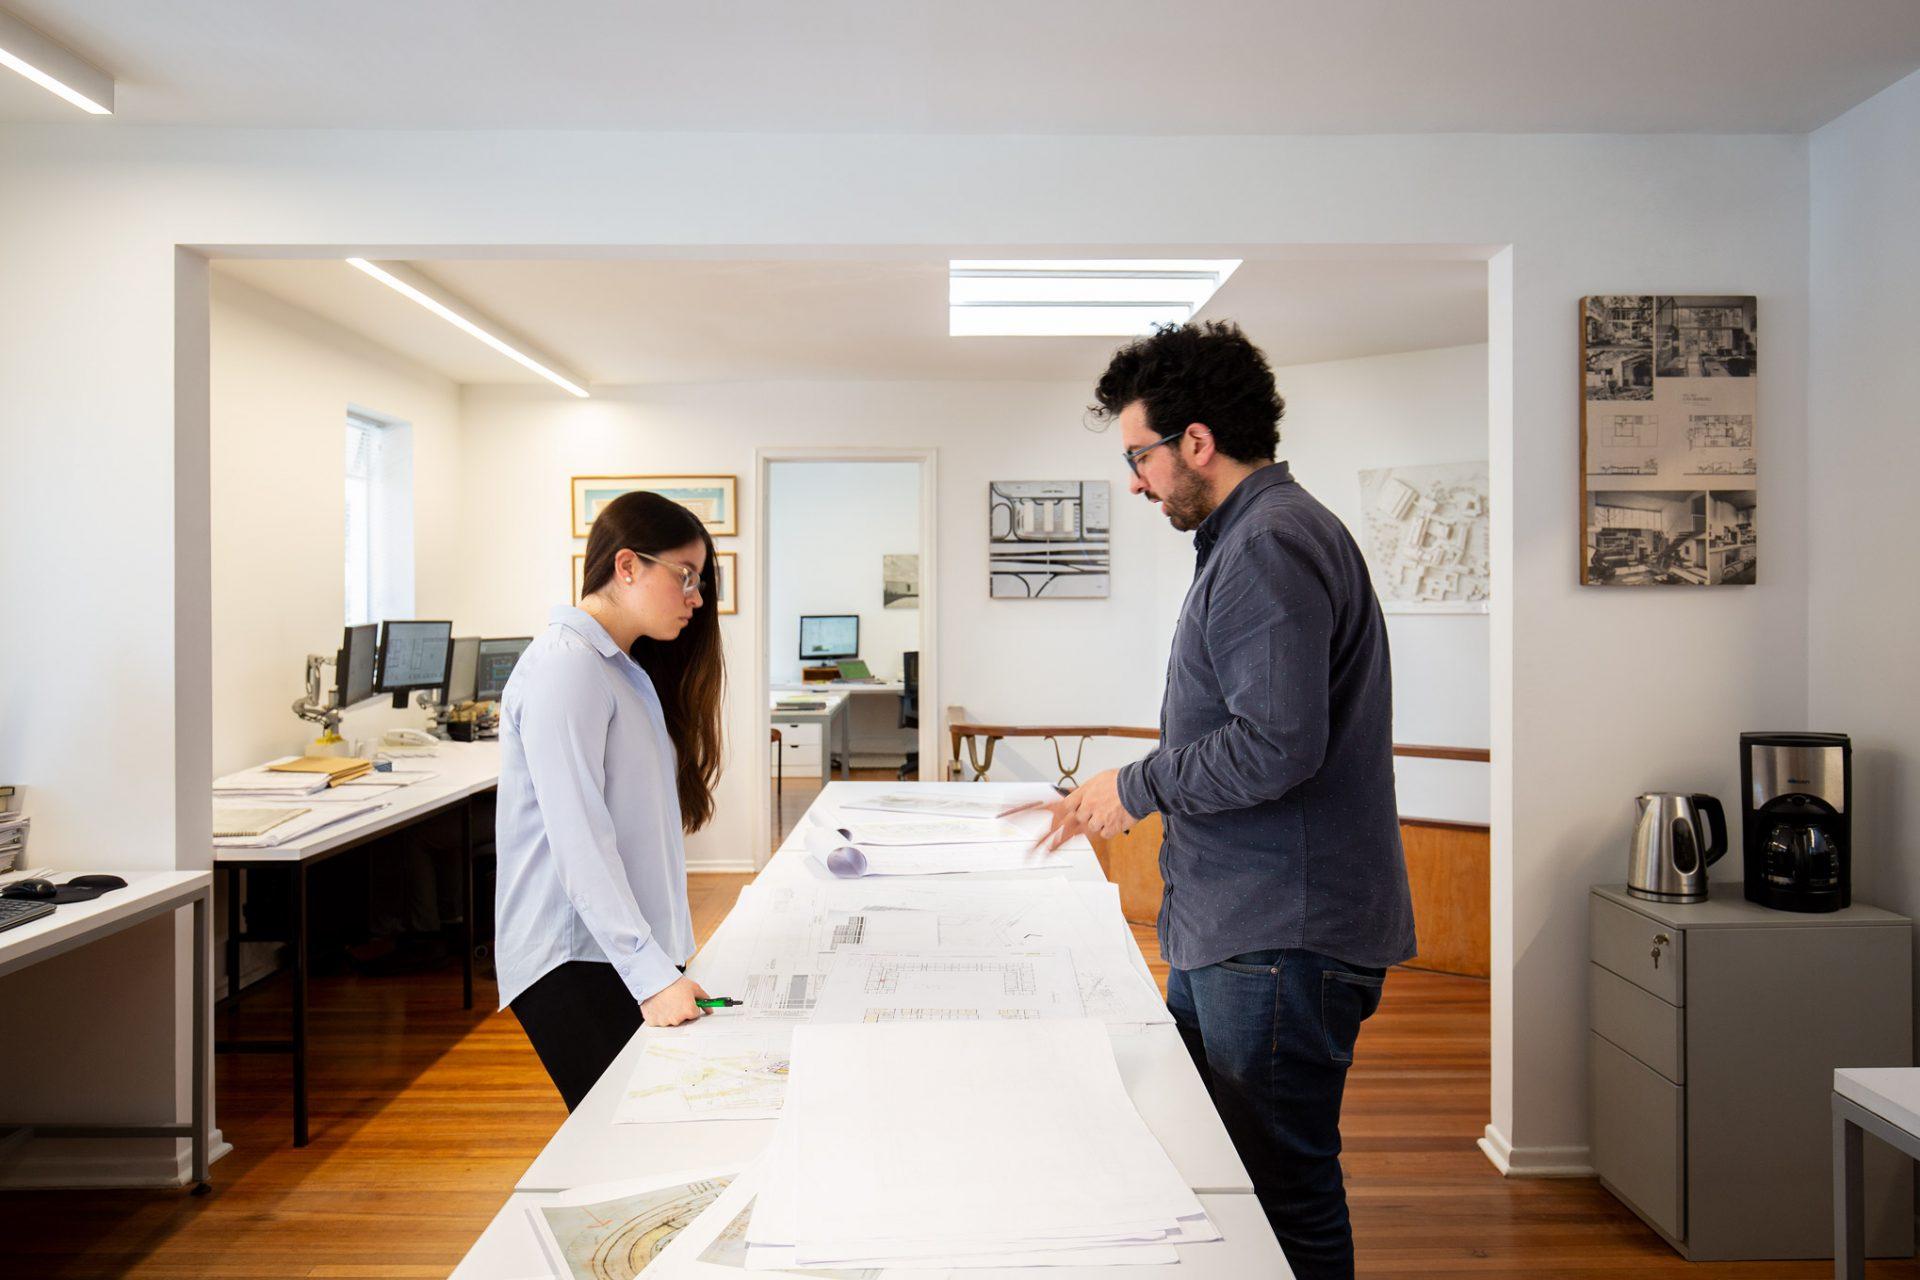 01.bermudez.arquitectos.bogota.simon.bosch.photography.architecture.interior